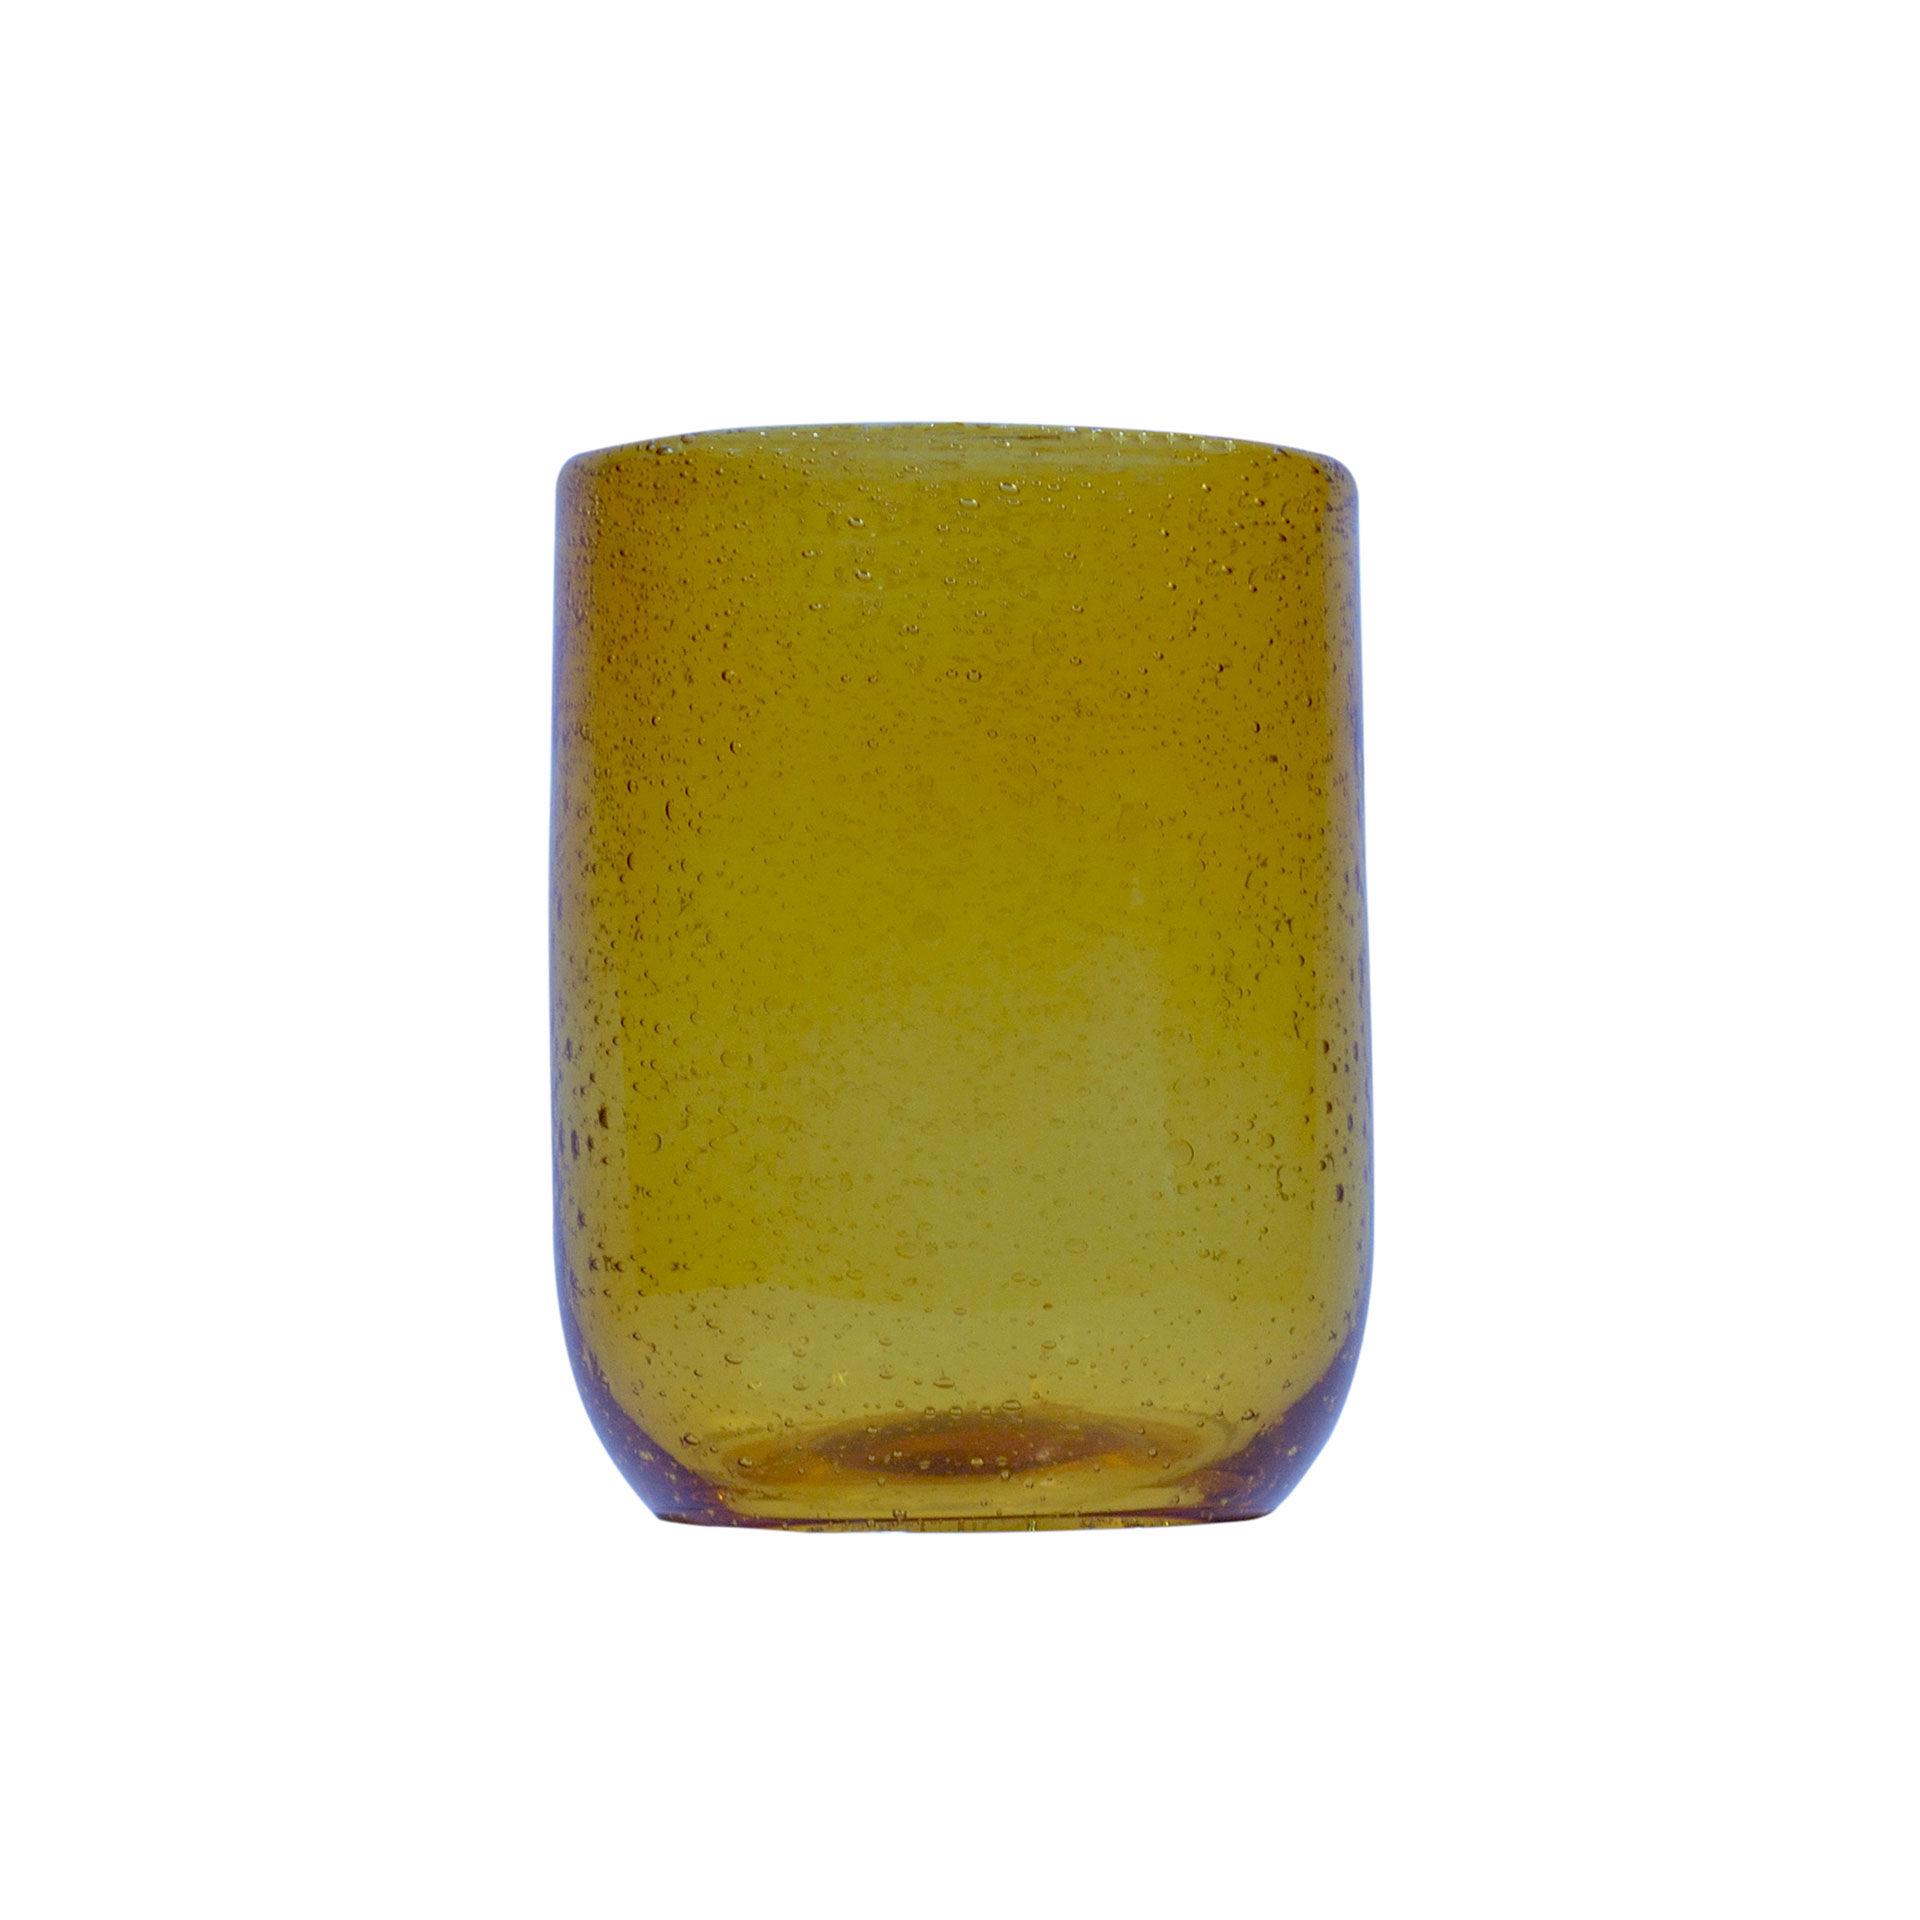 Sibo Homeconcept Gobelet en verre bullé ambre jaune 28 cl - Lot de 6